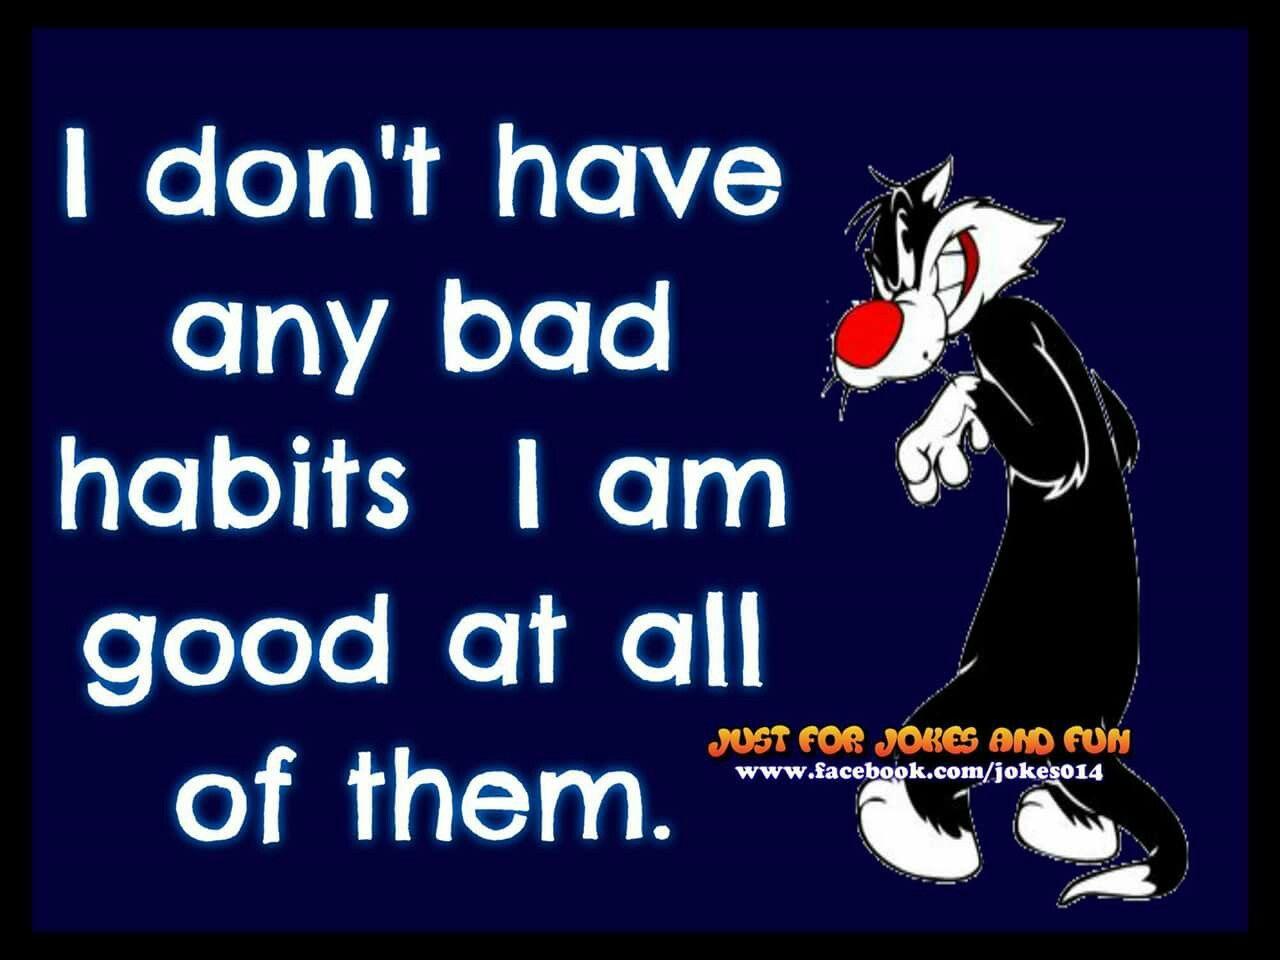 no bad habits good at all of them Sylvester cartoon joke